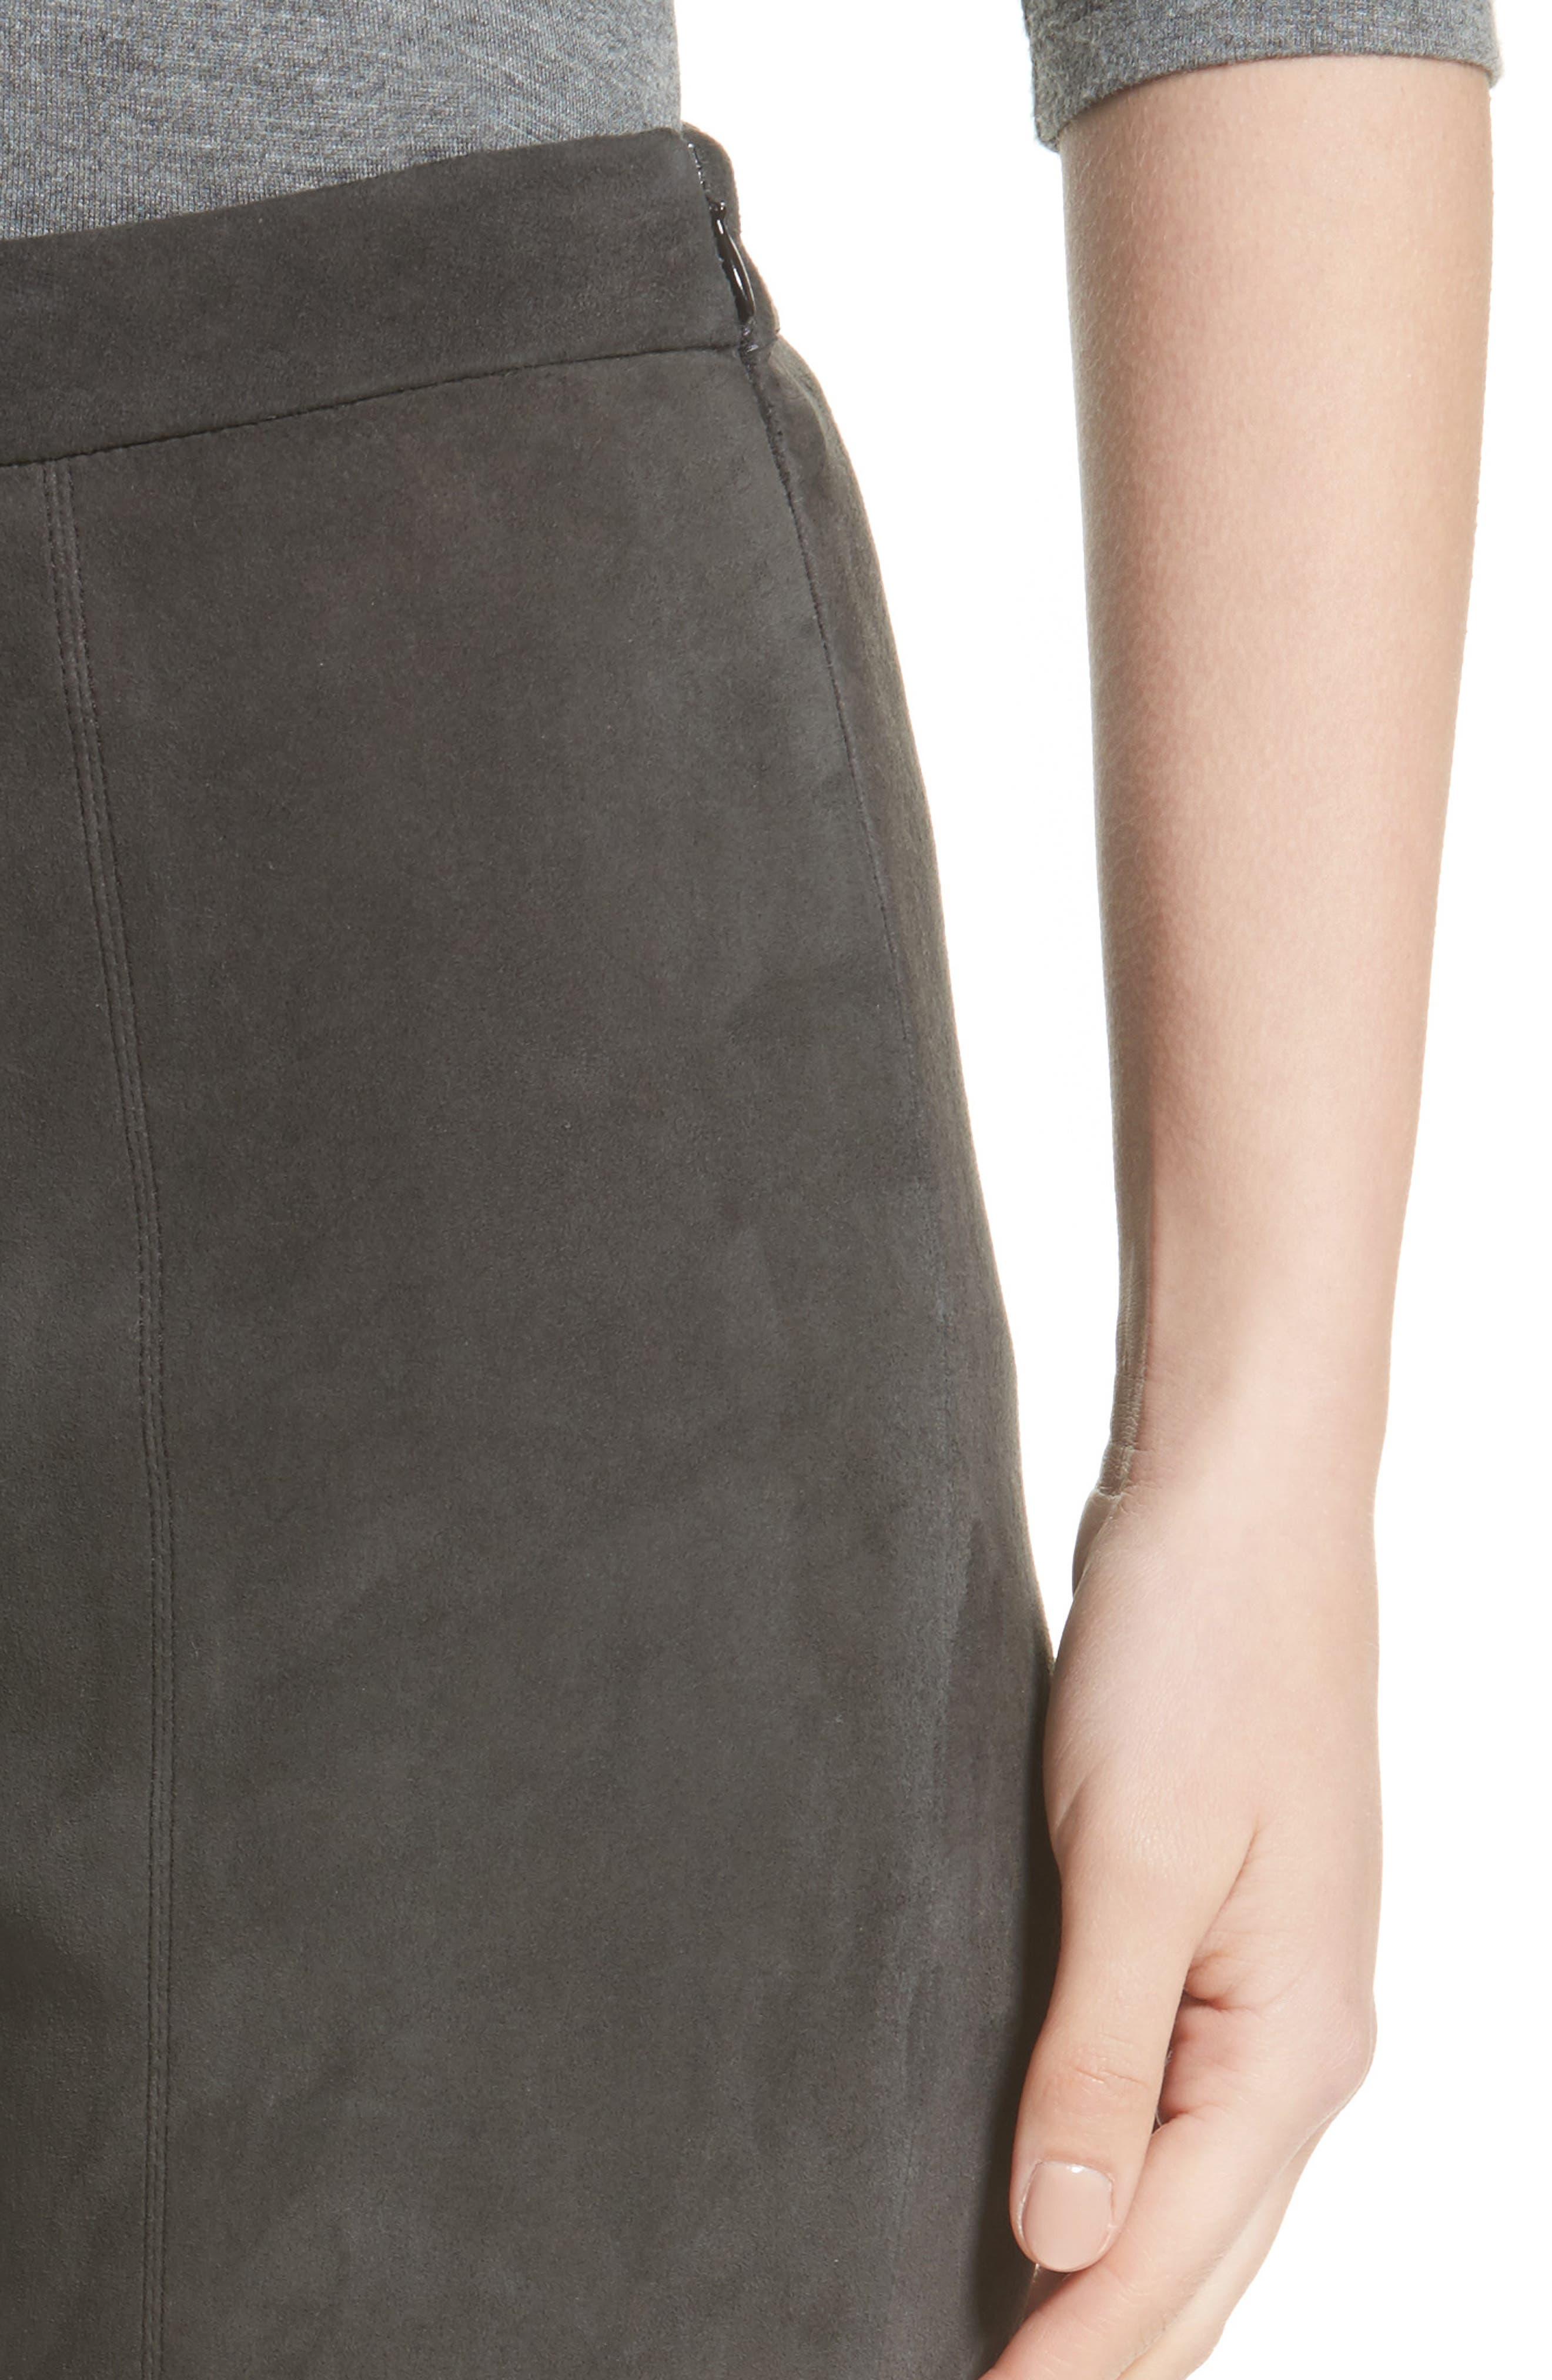 Stretch Suede Capri Pants,                             Alternate thumbnail 4, color,                             020